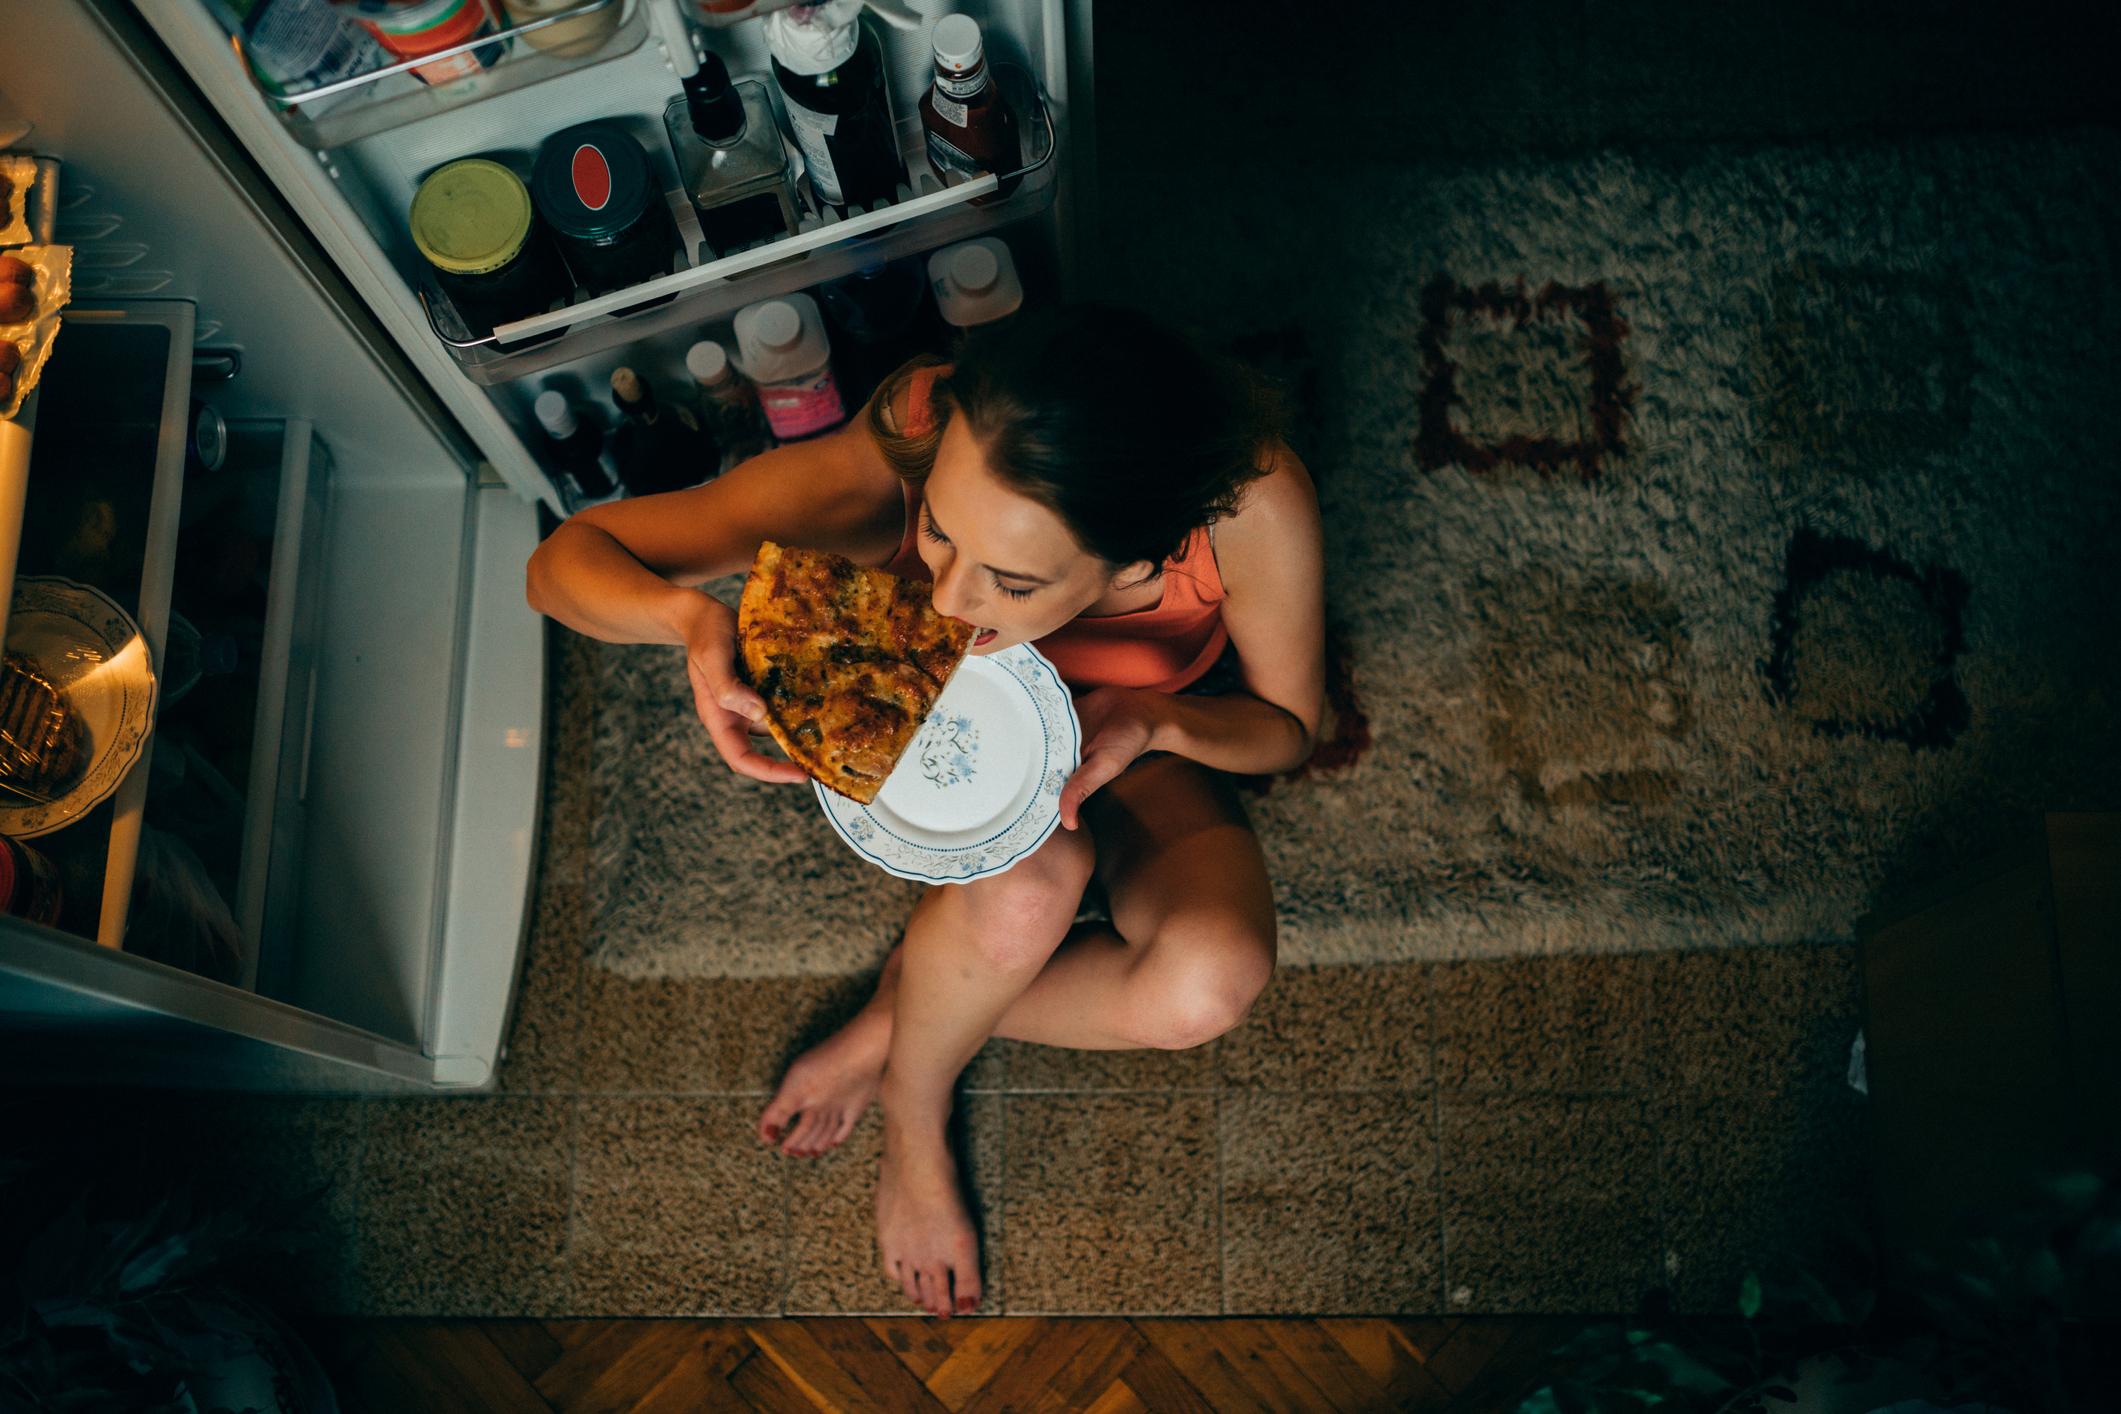 Jedan od pet smrtnih slučajeva u svijetu povezan je s nezdravom prehranom.